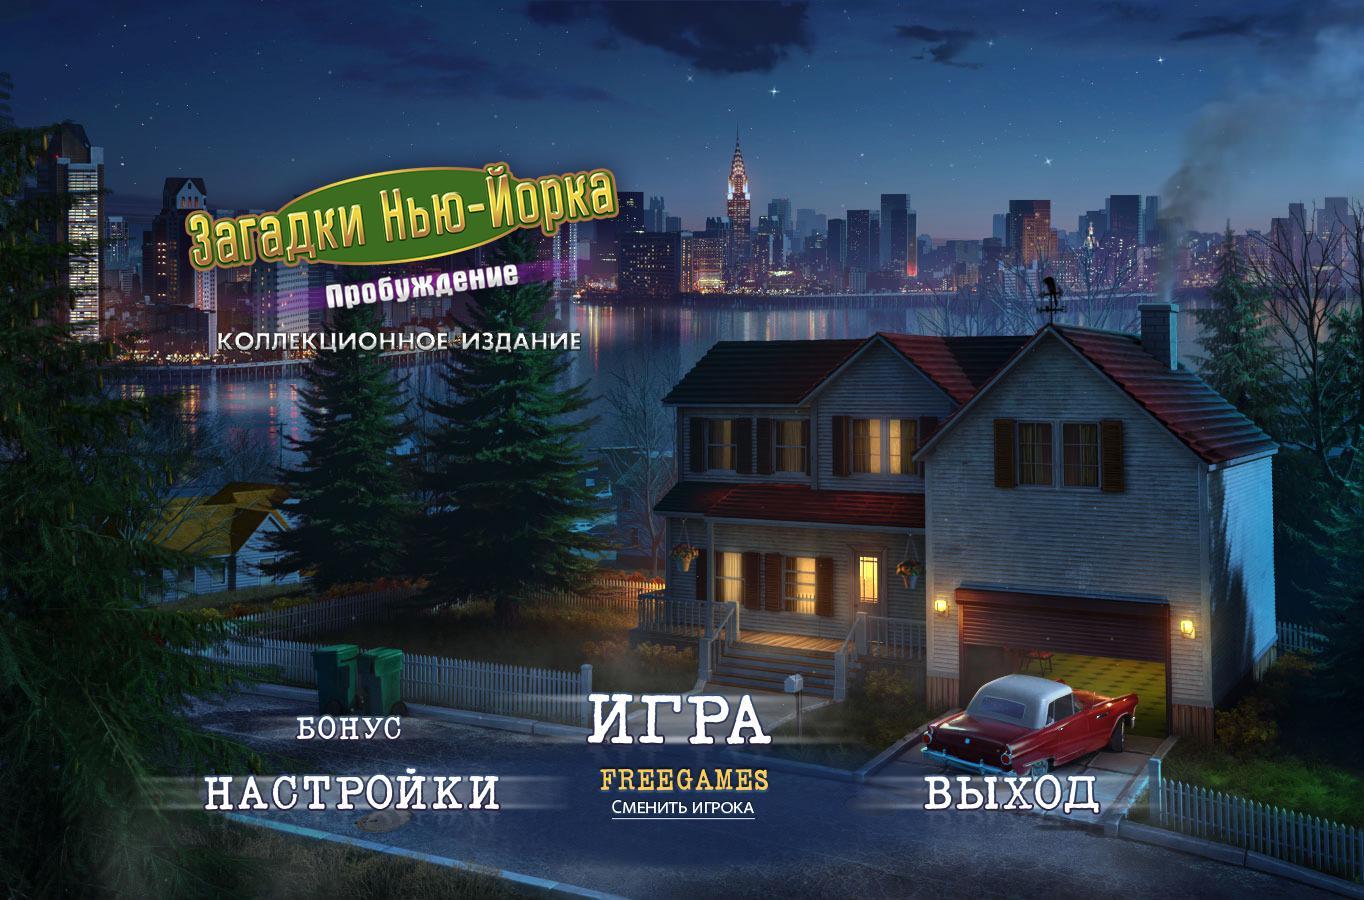 Загадки Нью-Йорка 4: Пробуждение. Коллекционное издание | New York Mysteries 4: The Outbreak CE (Rus)